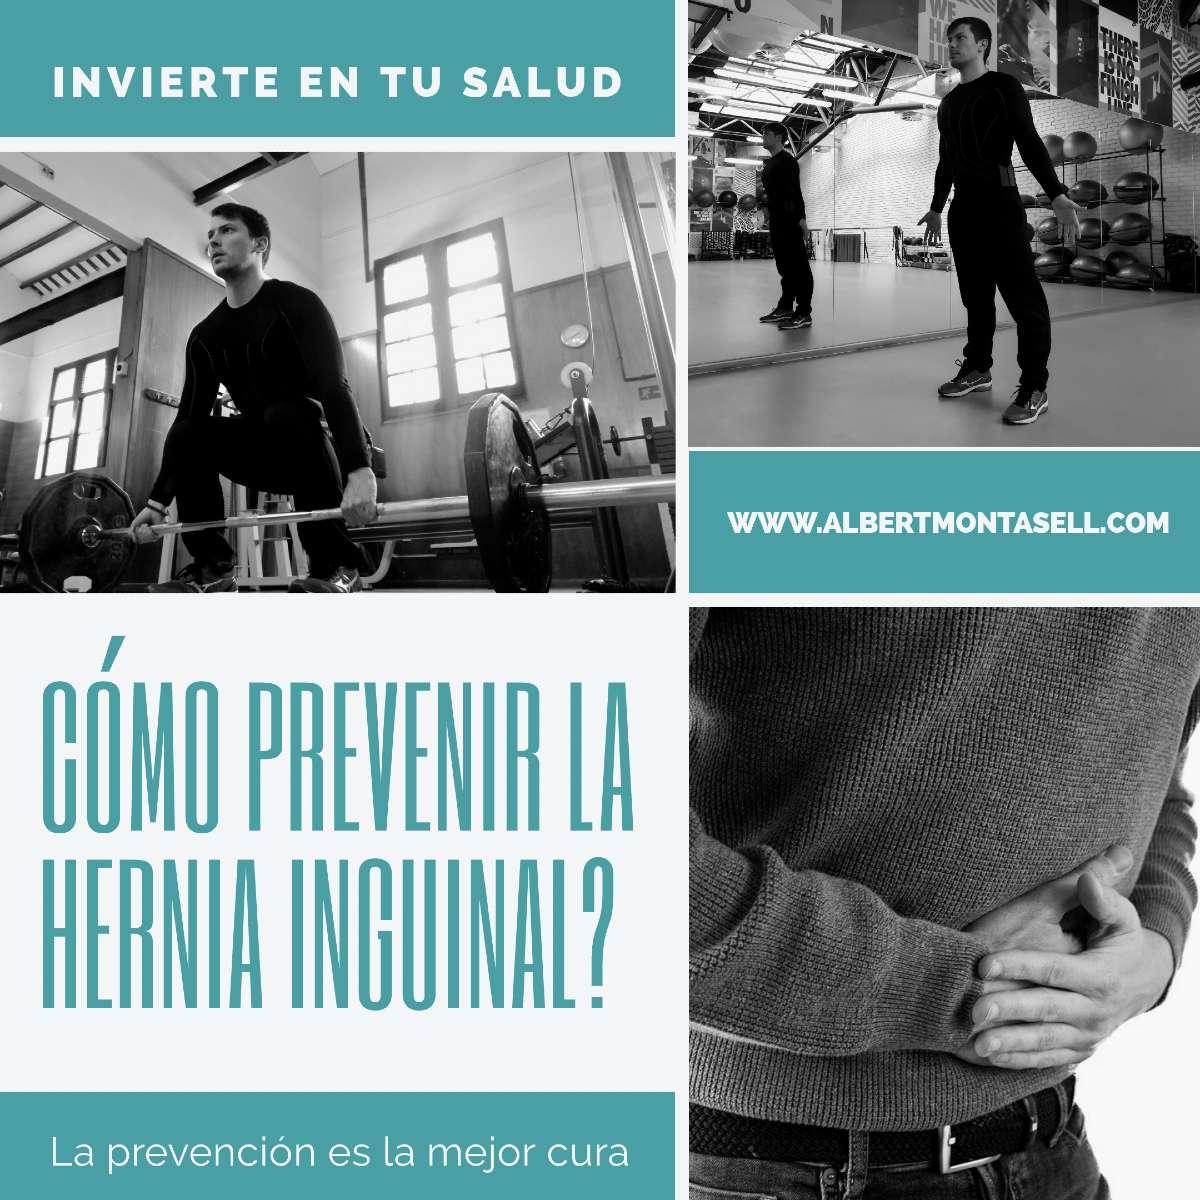 como prevenir hernia inguinal